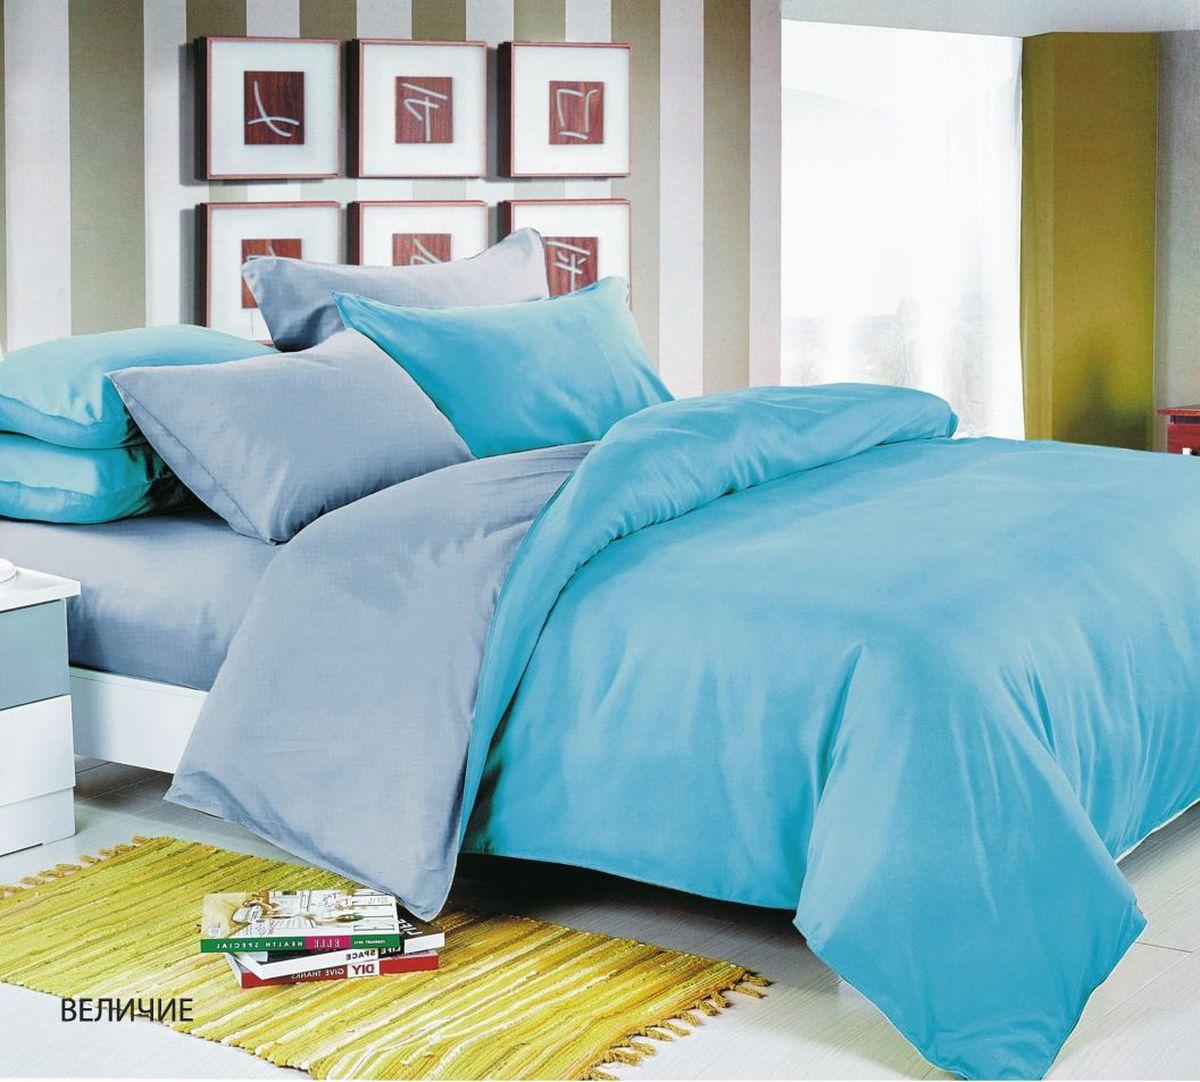 Комплект белья Павлина Величие, 1,5 спальный, наволочки 70x70, цвет: голубой комплект белья seta torme 1 5 спальный наволочки 70x70 цвет голубой